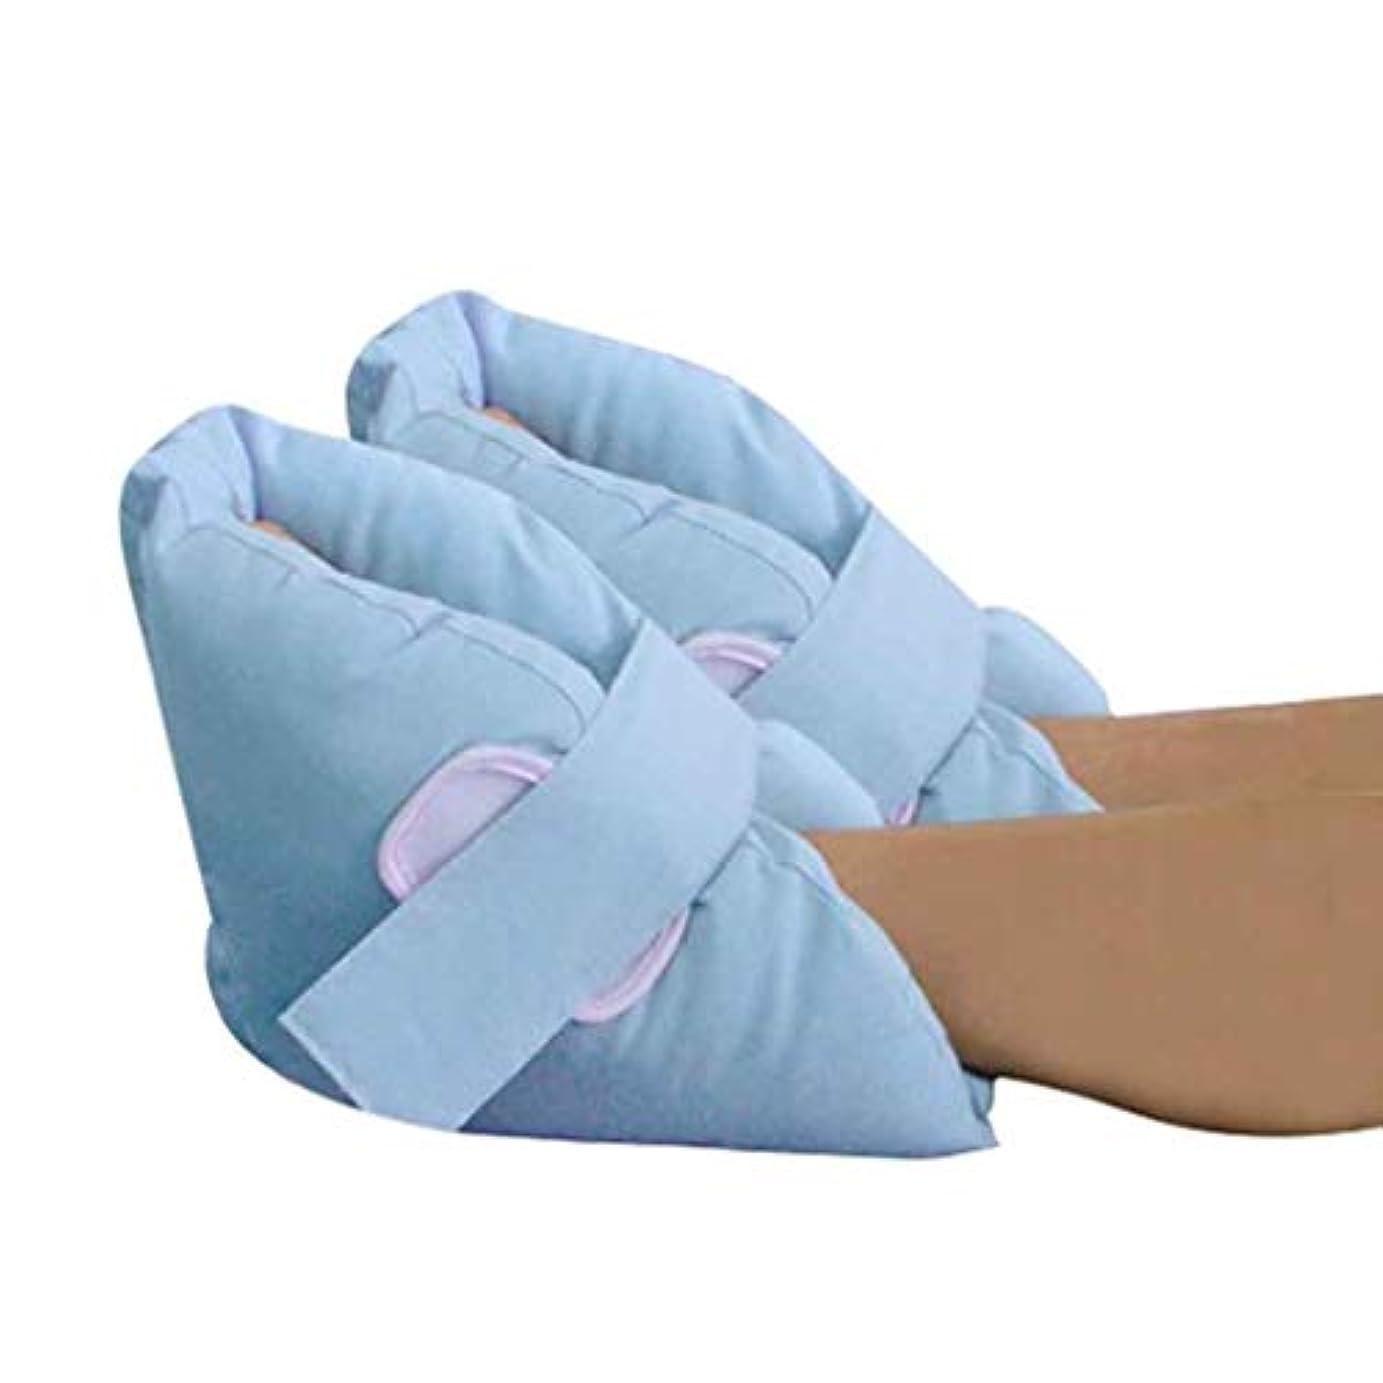 ヒールクッションプロテクター、足、足首の枕パッド-ヒール保護ブーツ-足、肘、かかとベッドを保護します。